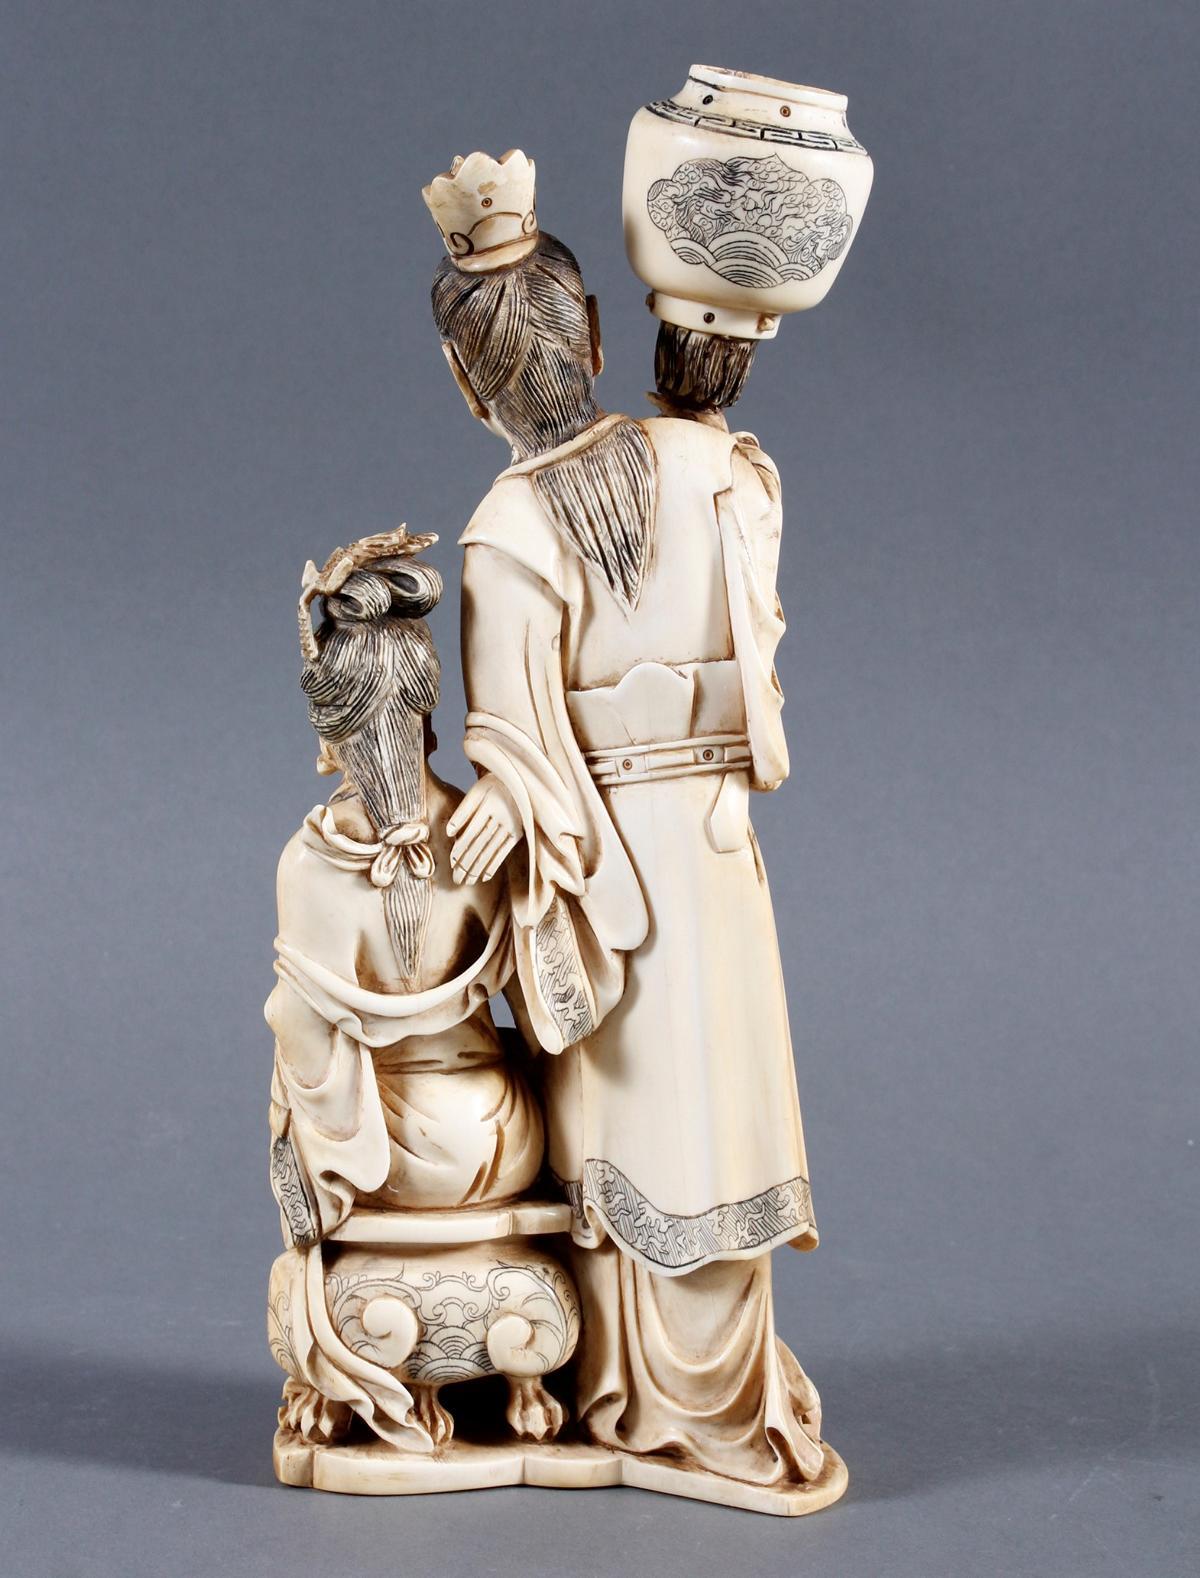 """Elfenbeinskulptur """"Hofdamen"""" detailreiche Schnitzerei, China 19. Jahrhundert-3"""